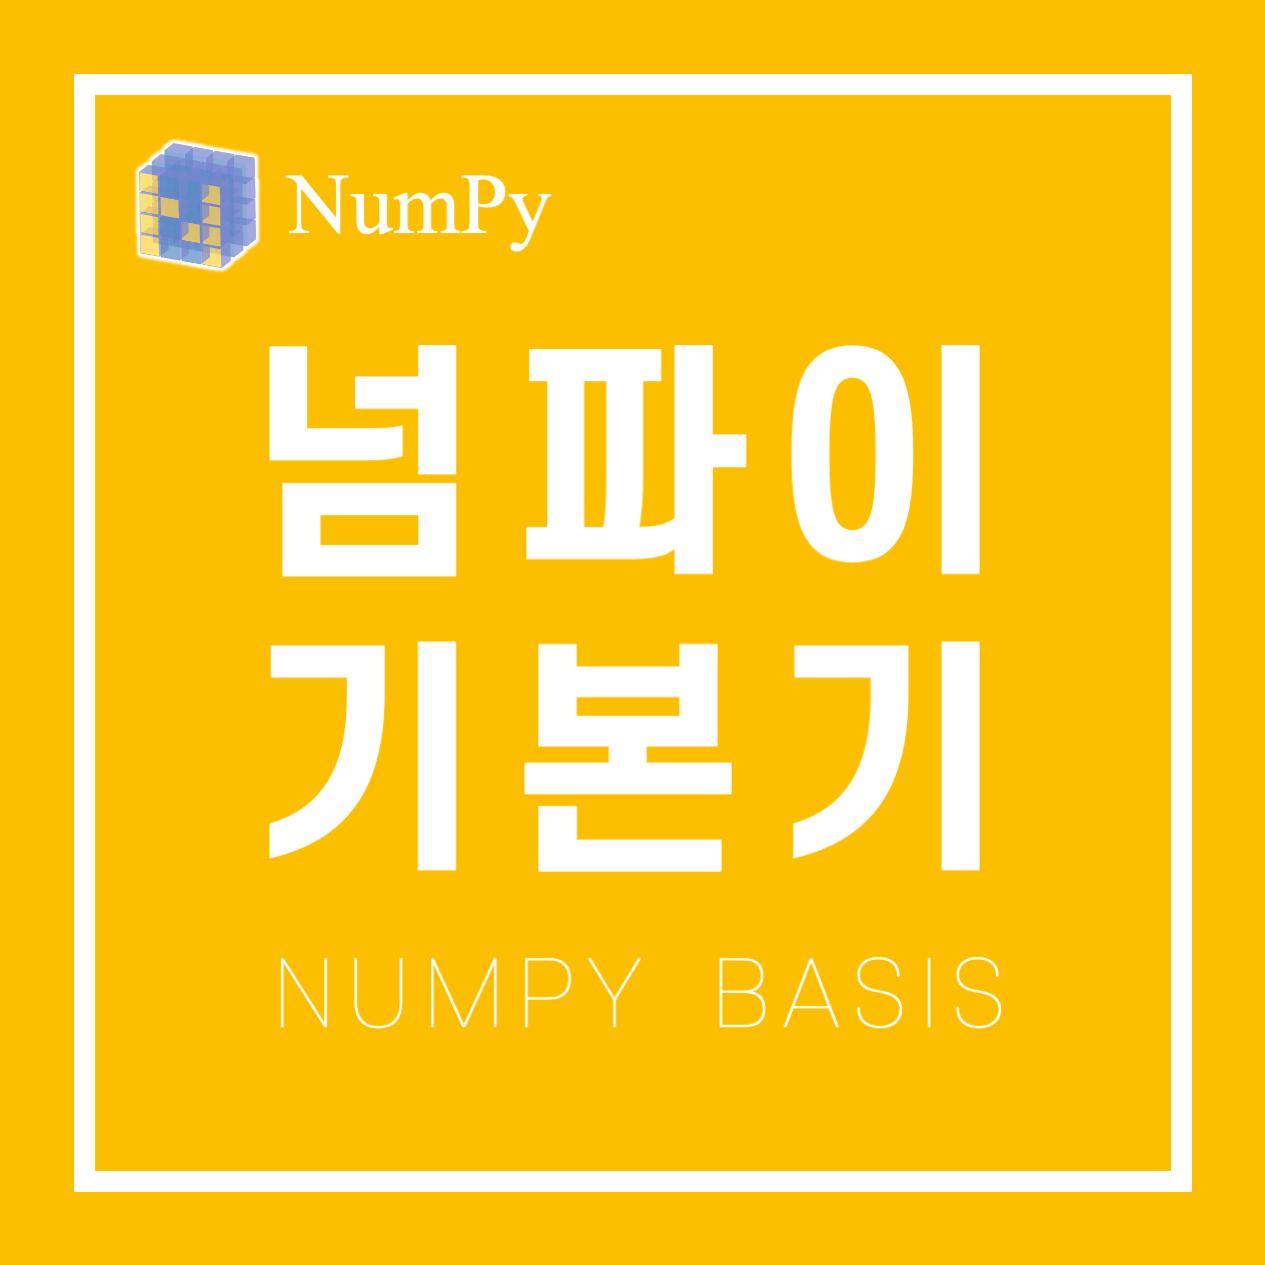 numpy_basis_thumb